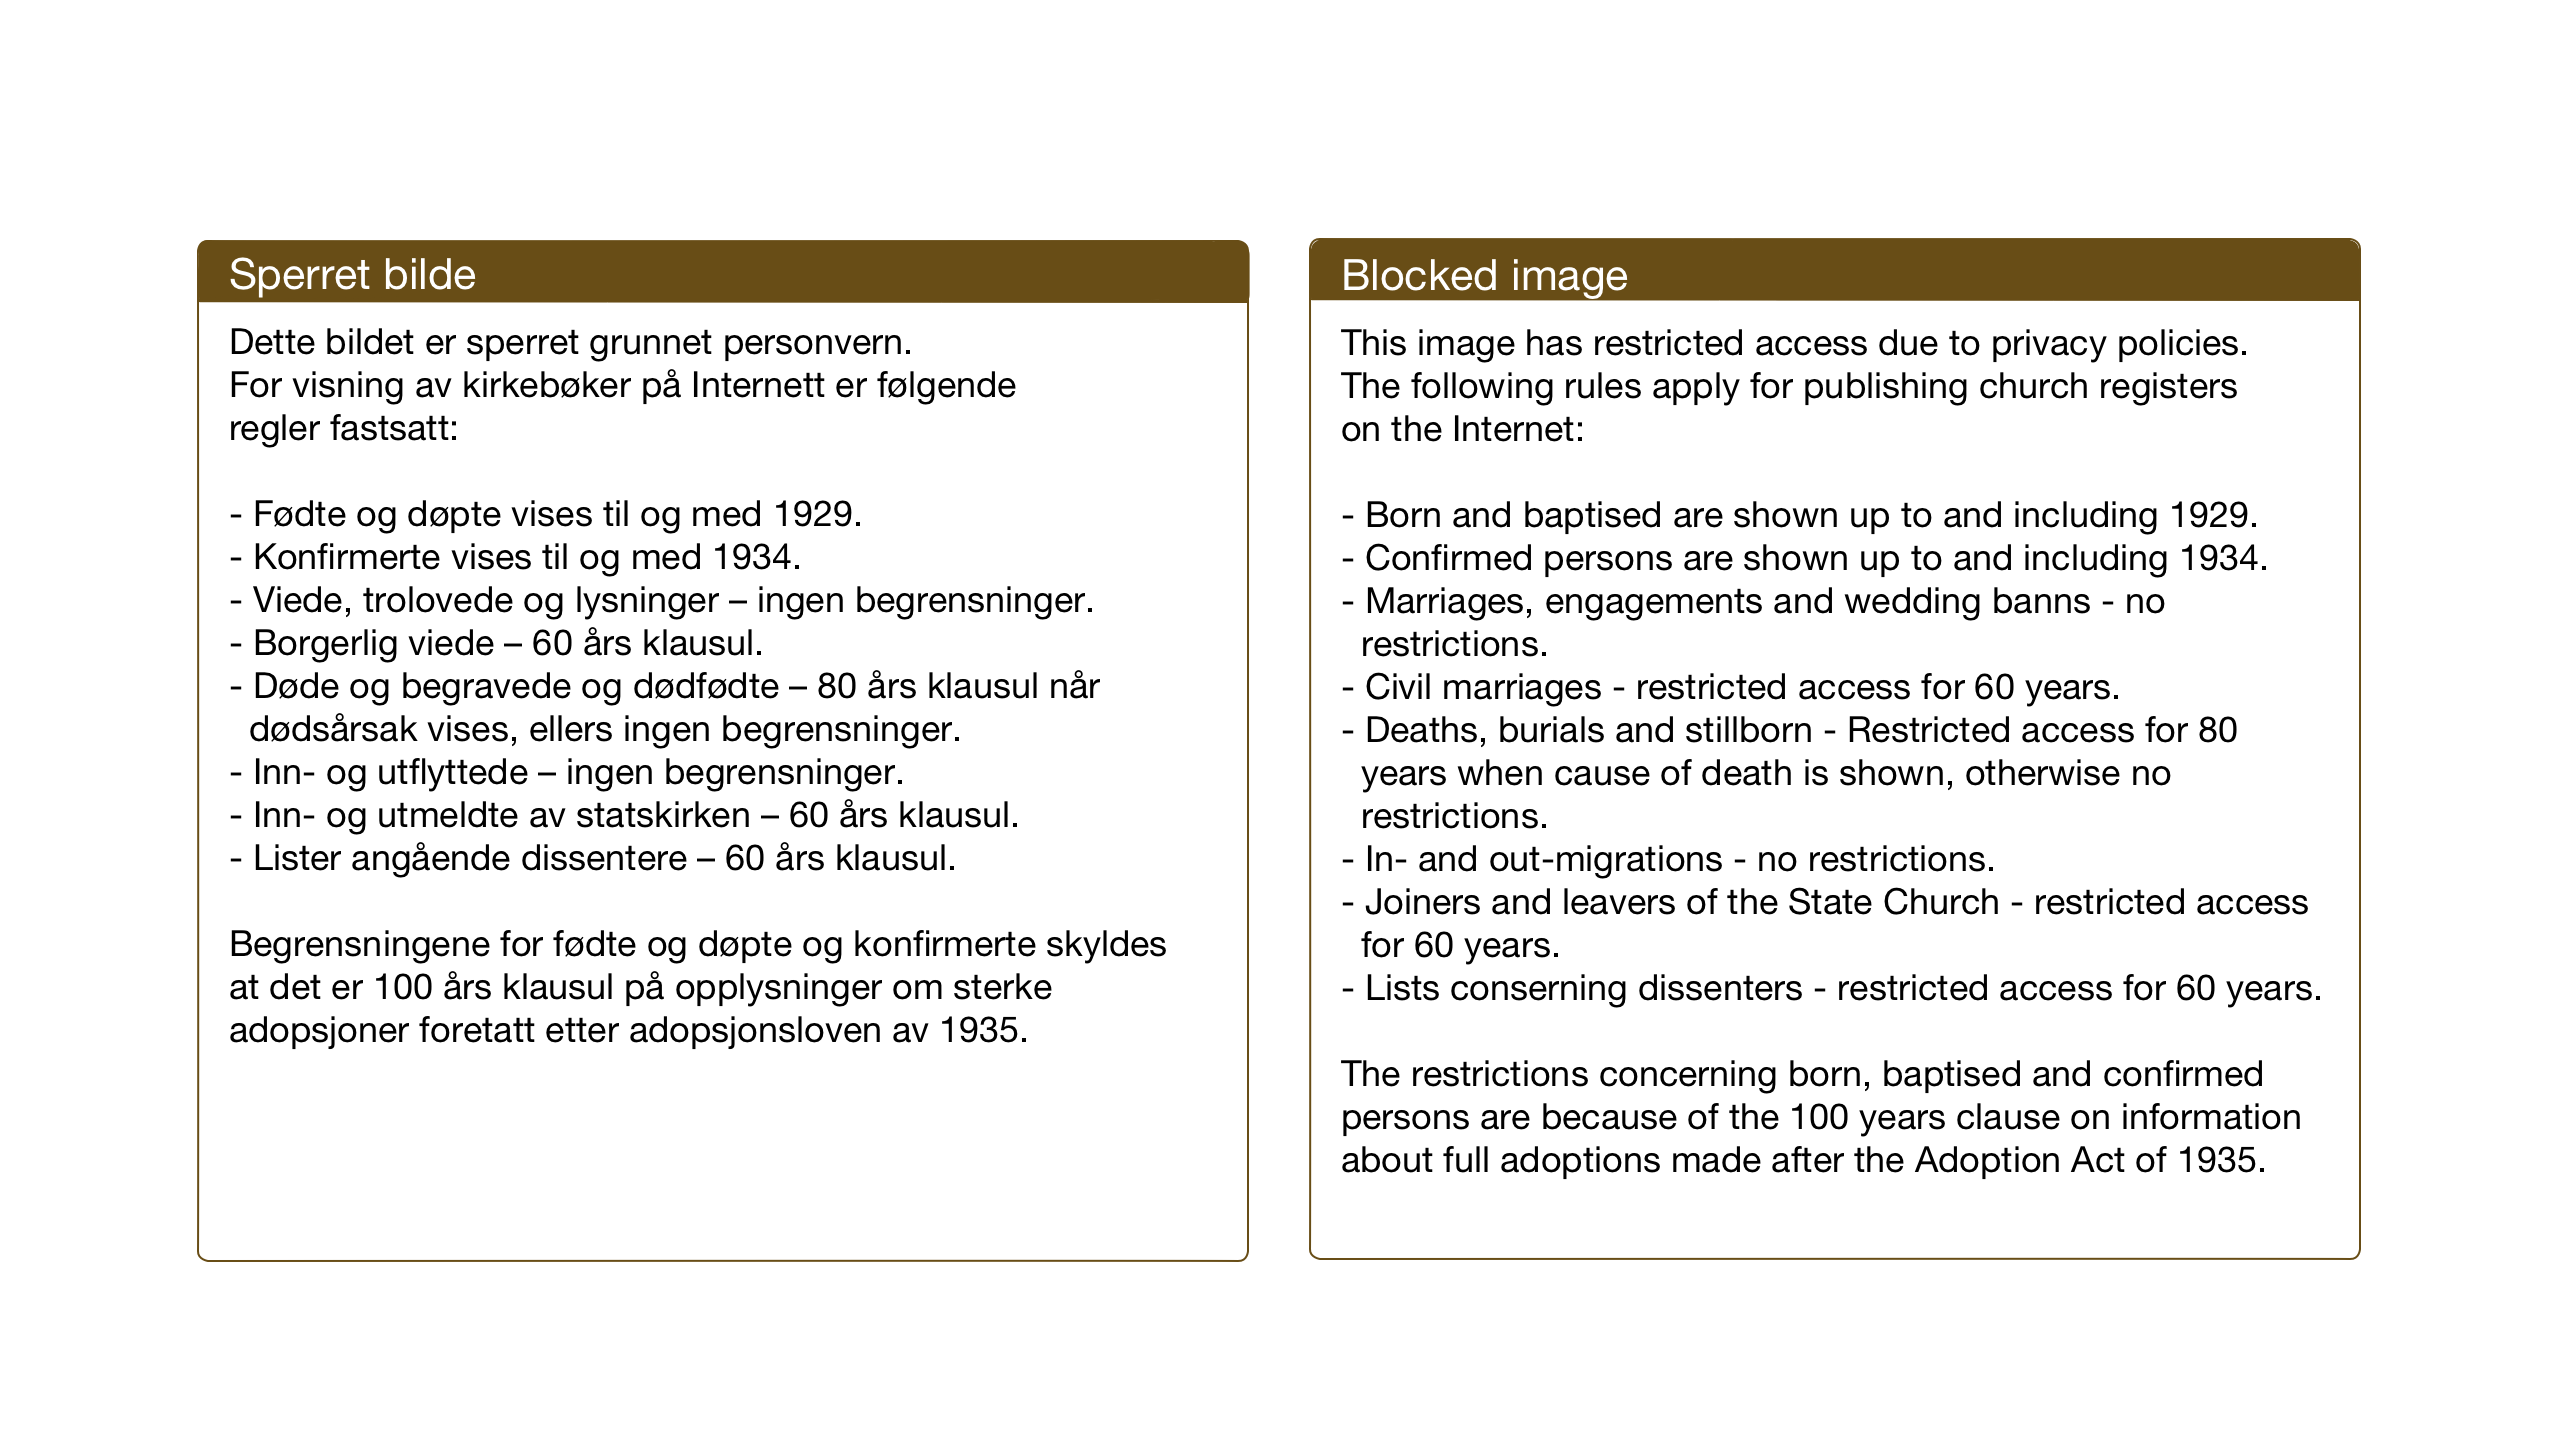 SAT, Ministerialprotokoller, klokkerbøker og fødselsregistre - Sør-Trøndelag, 653/L0658: Klokkerbok nr. 653C02, 1919-1947, s. 141